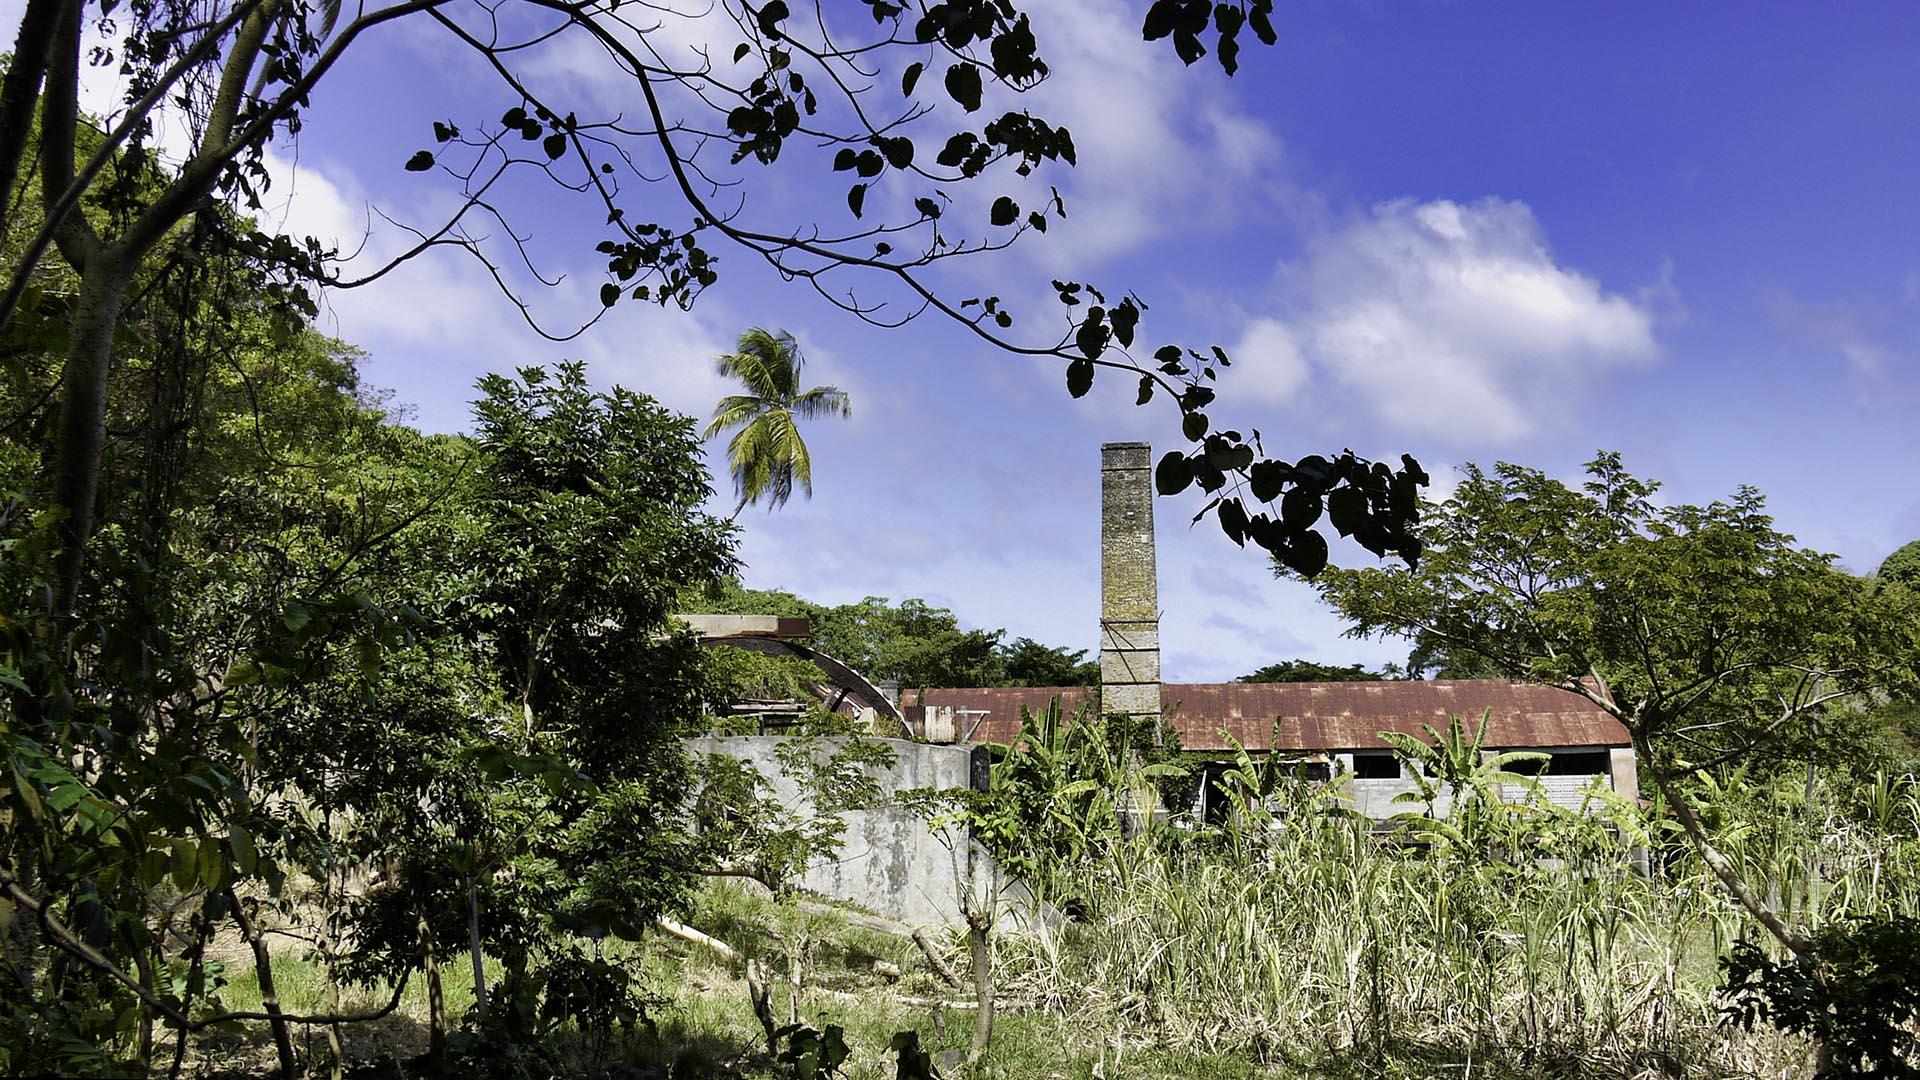 Grenada PhotoBlog